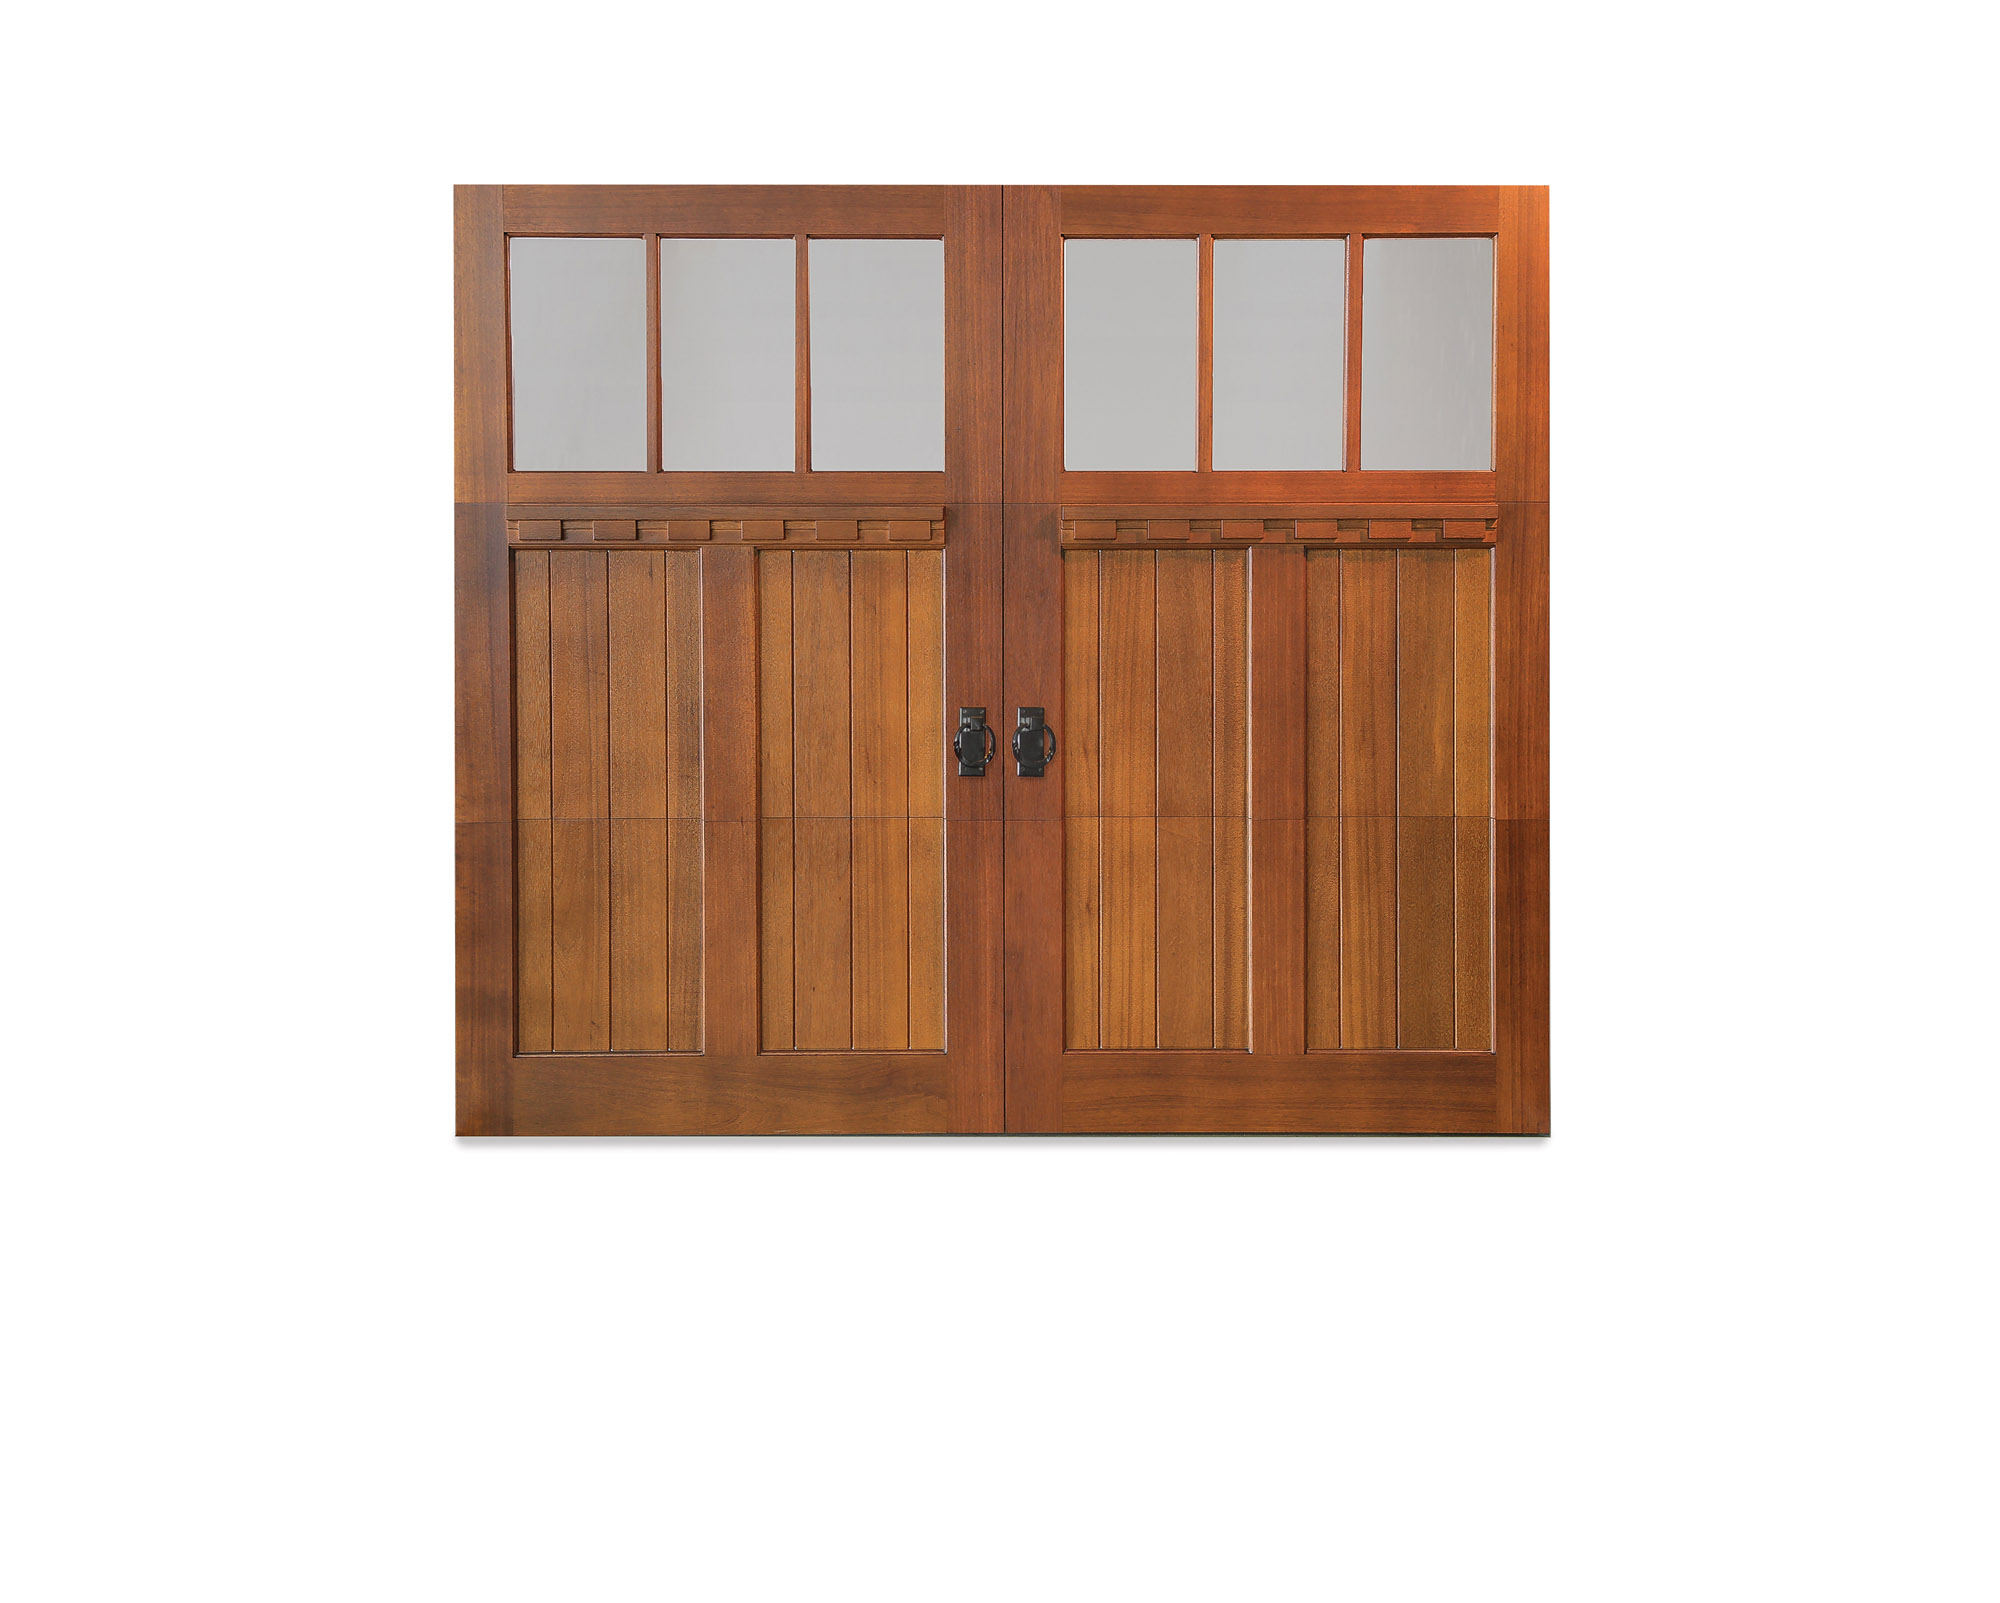 Clopay custom wood door